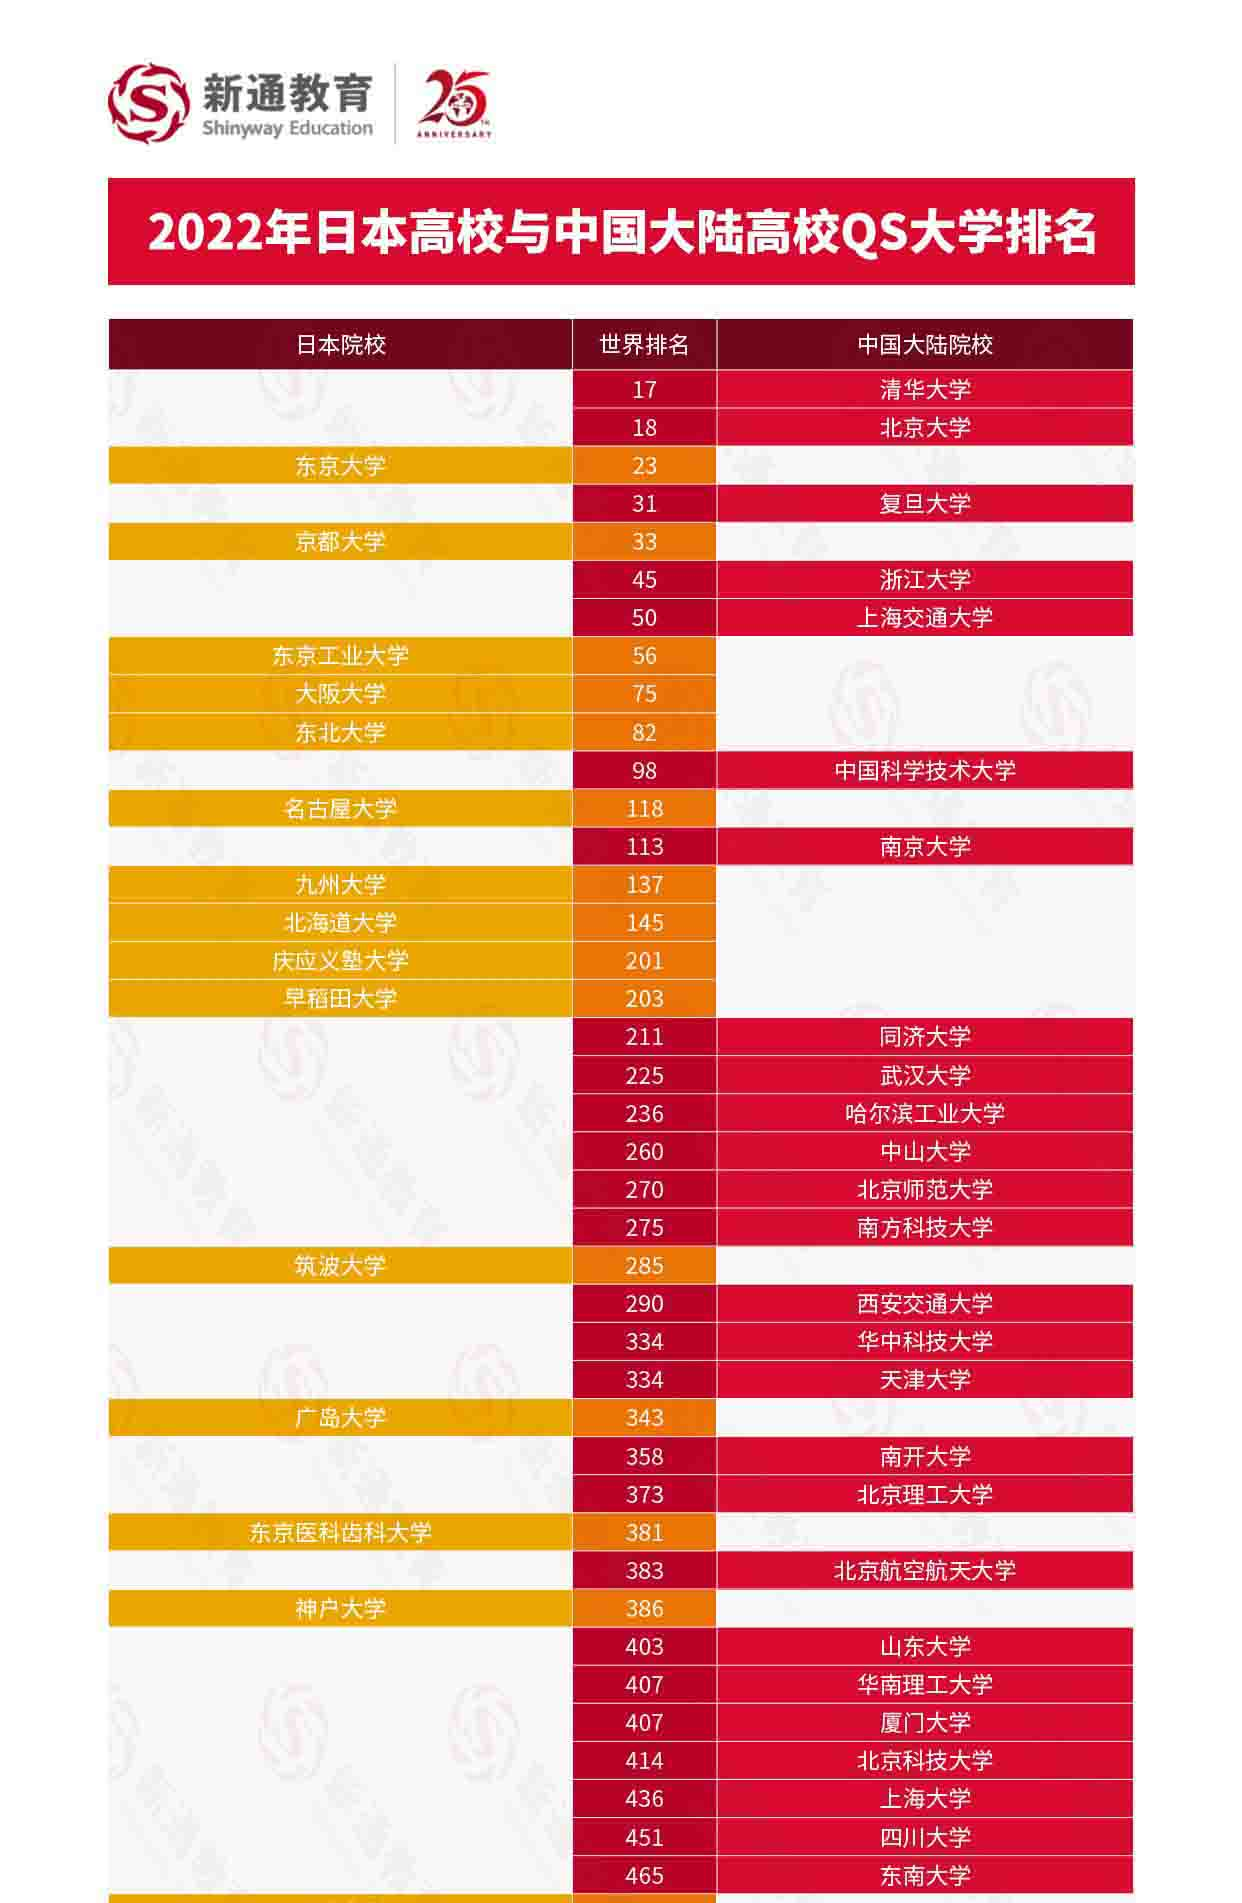 2022QS世界大学排名解析:中国大陆高校与世界大学排名对比,助力全球志愿填报7